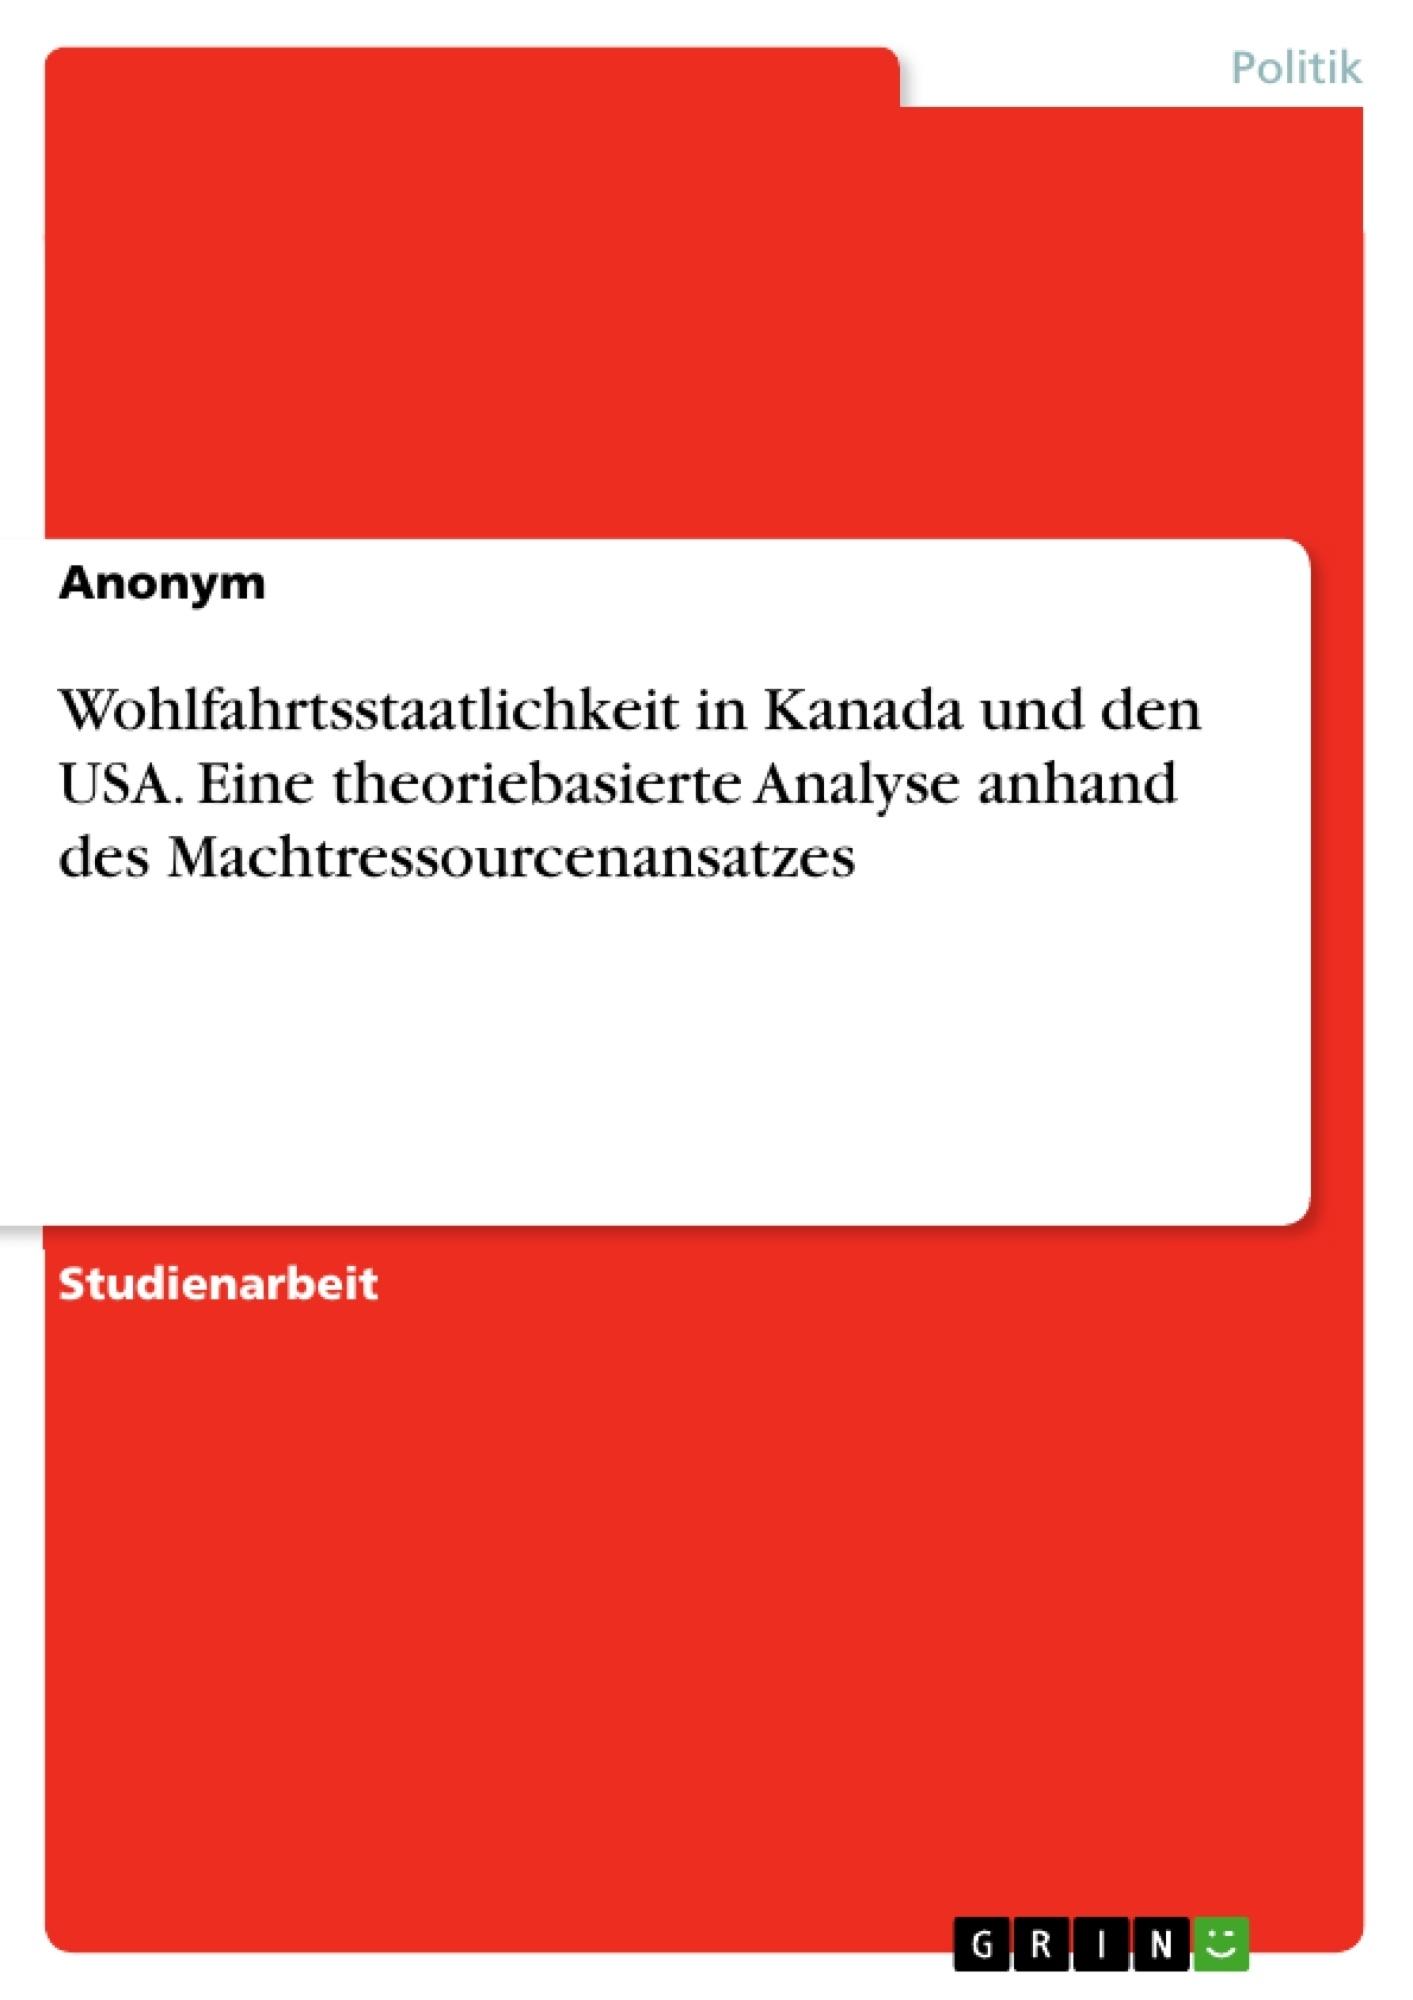 Titel: Wohlfahrtsstaatlichkeit in Kanada und den USA. Eine theoriebasierte Analyse anhand des Machtressourcenansatzes